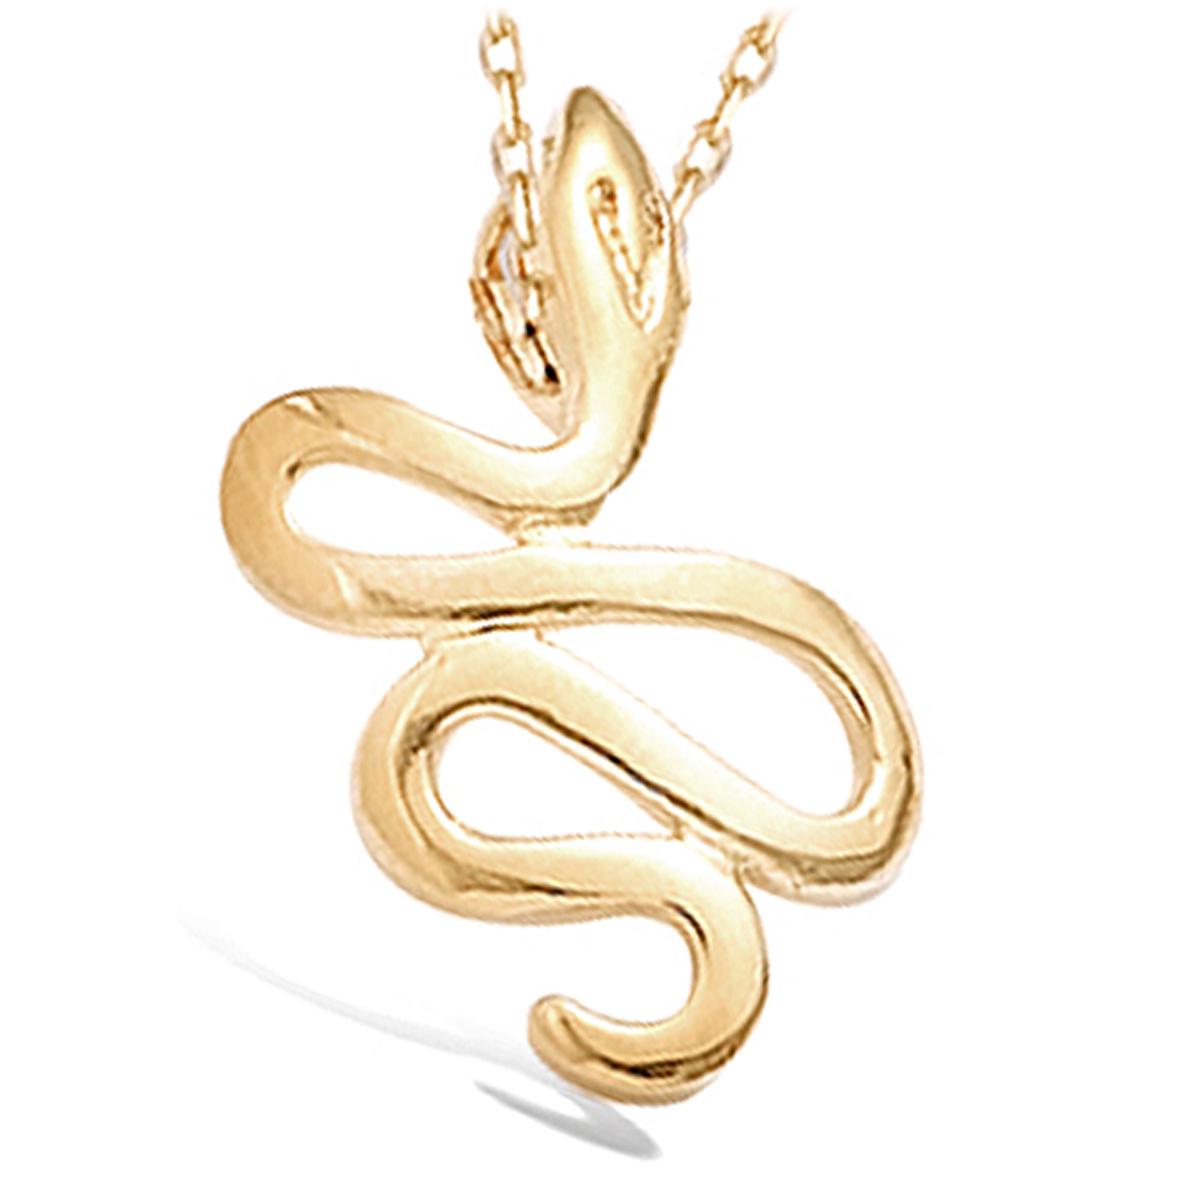 Pendentif Plaqué Or \'Serpent Mythique\' Doré - 15x25 mm - [B7593]